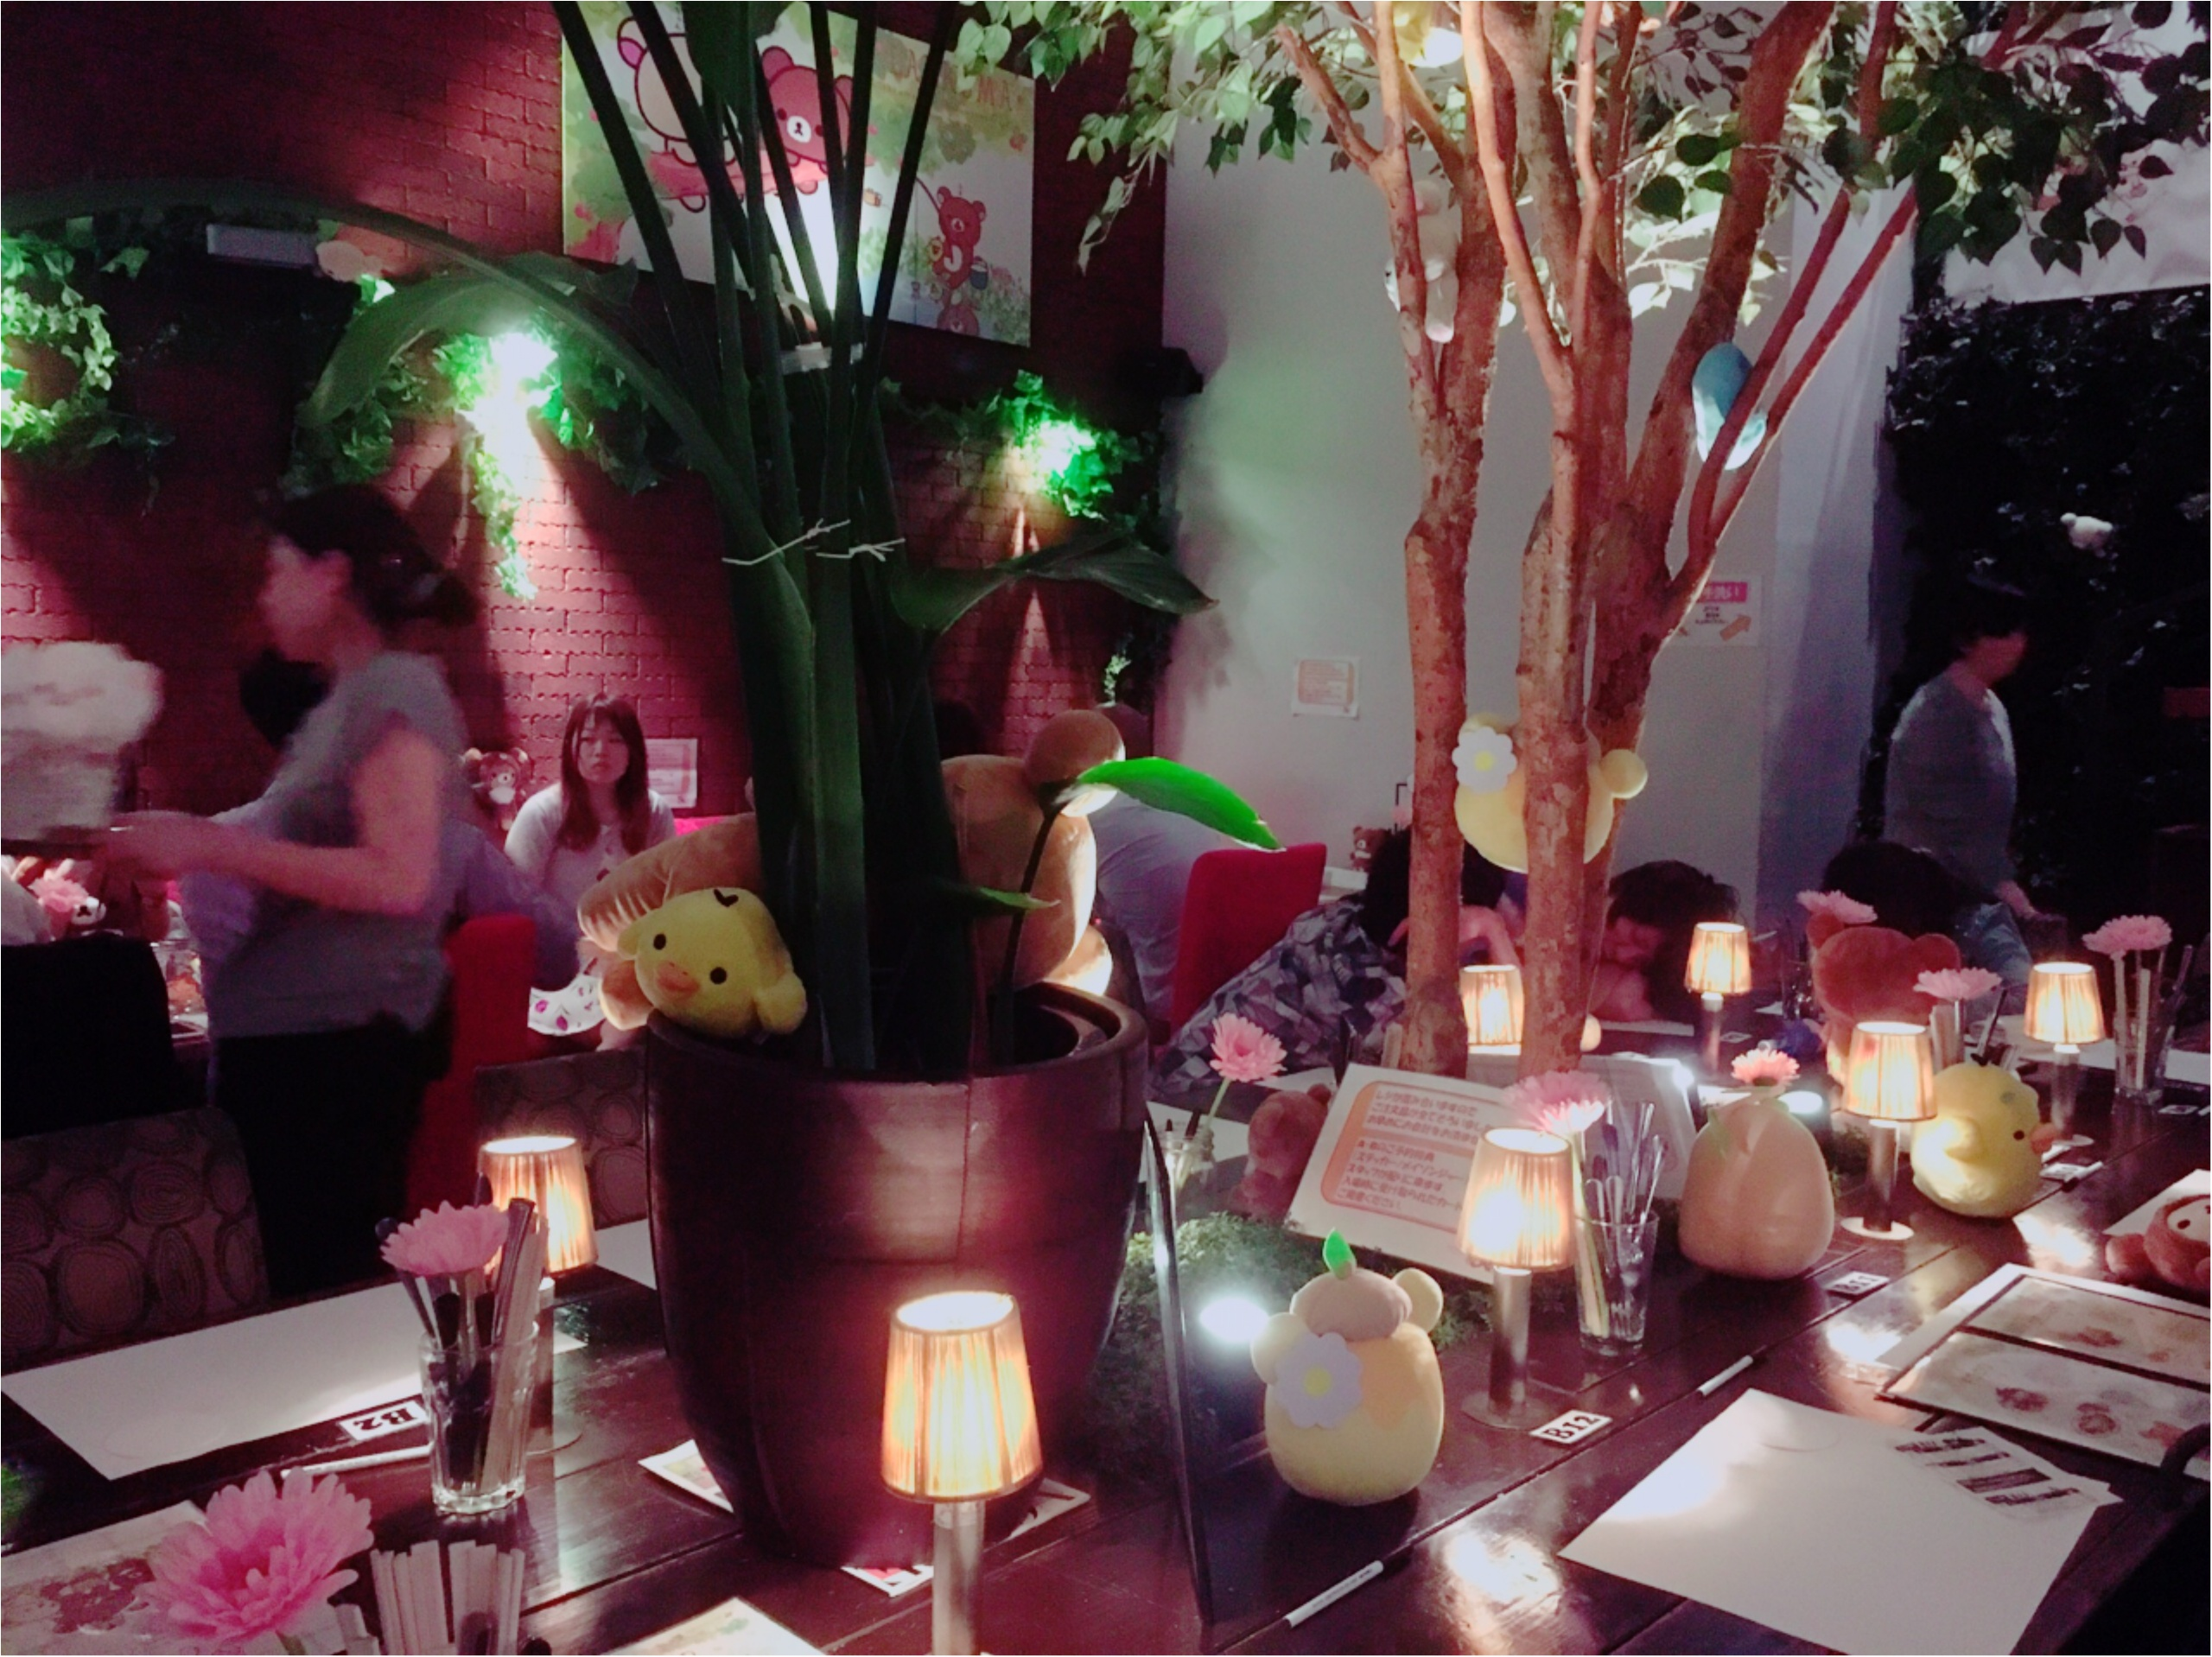 もう予約した?大阪に上陸したリラックマカフェがかわいすぎっ♡byみそ_3